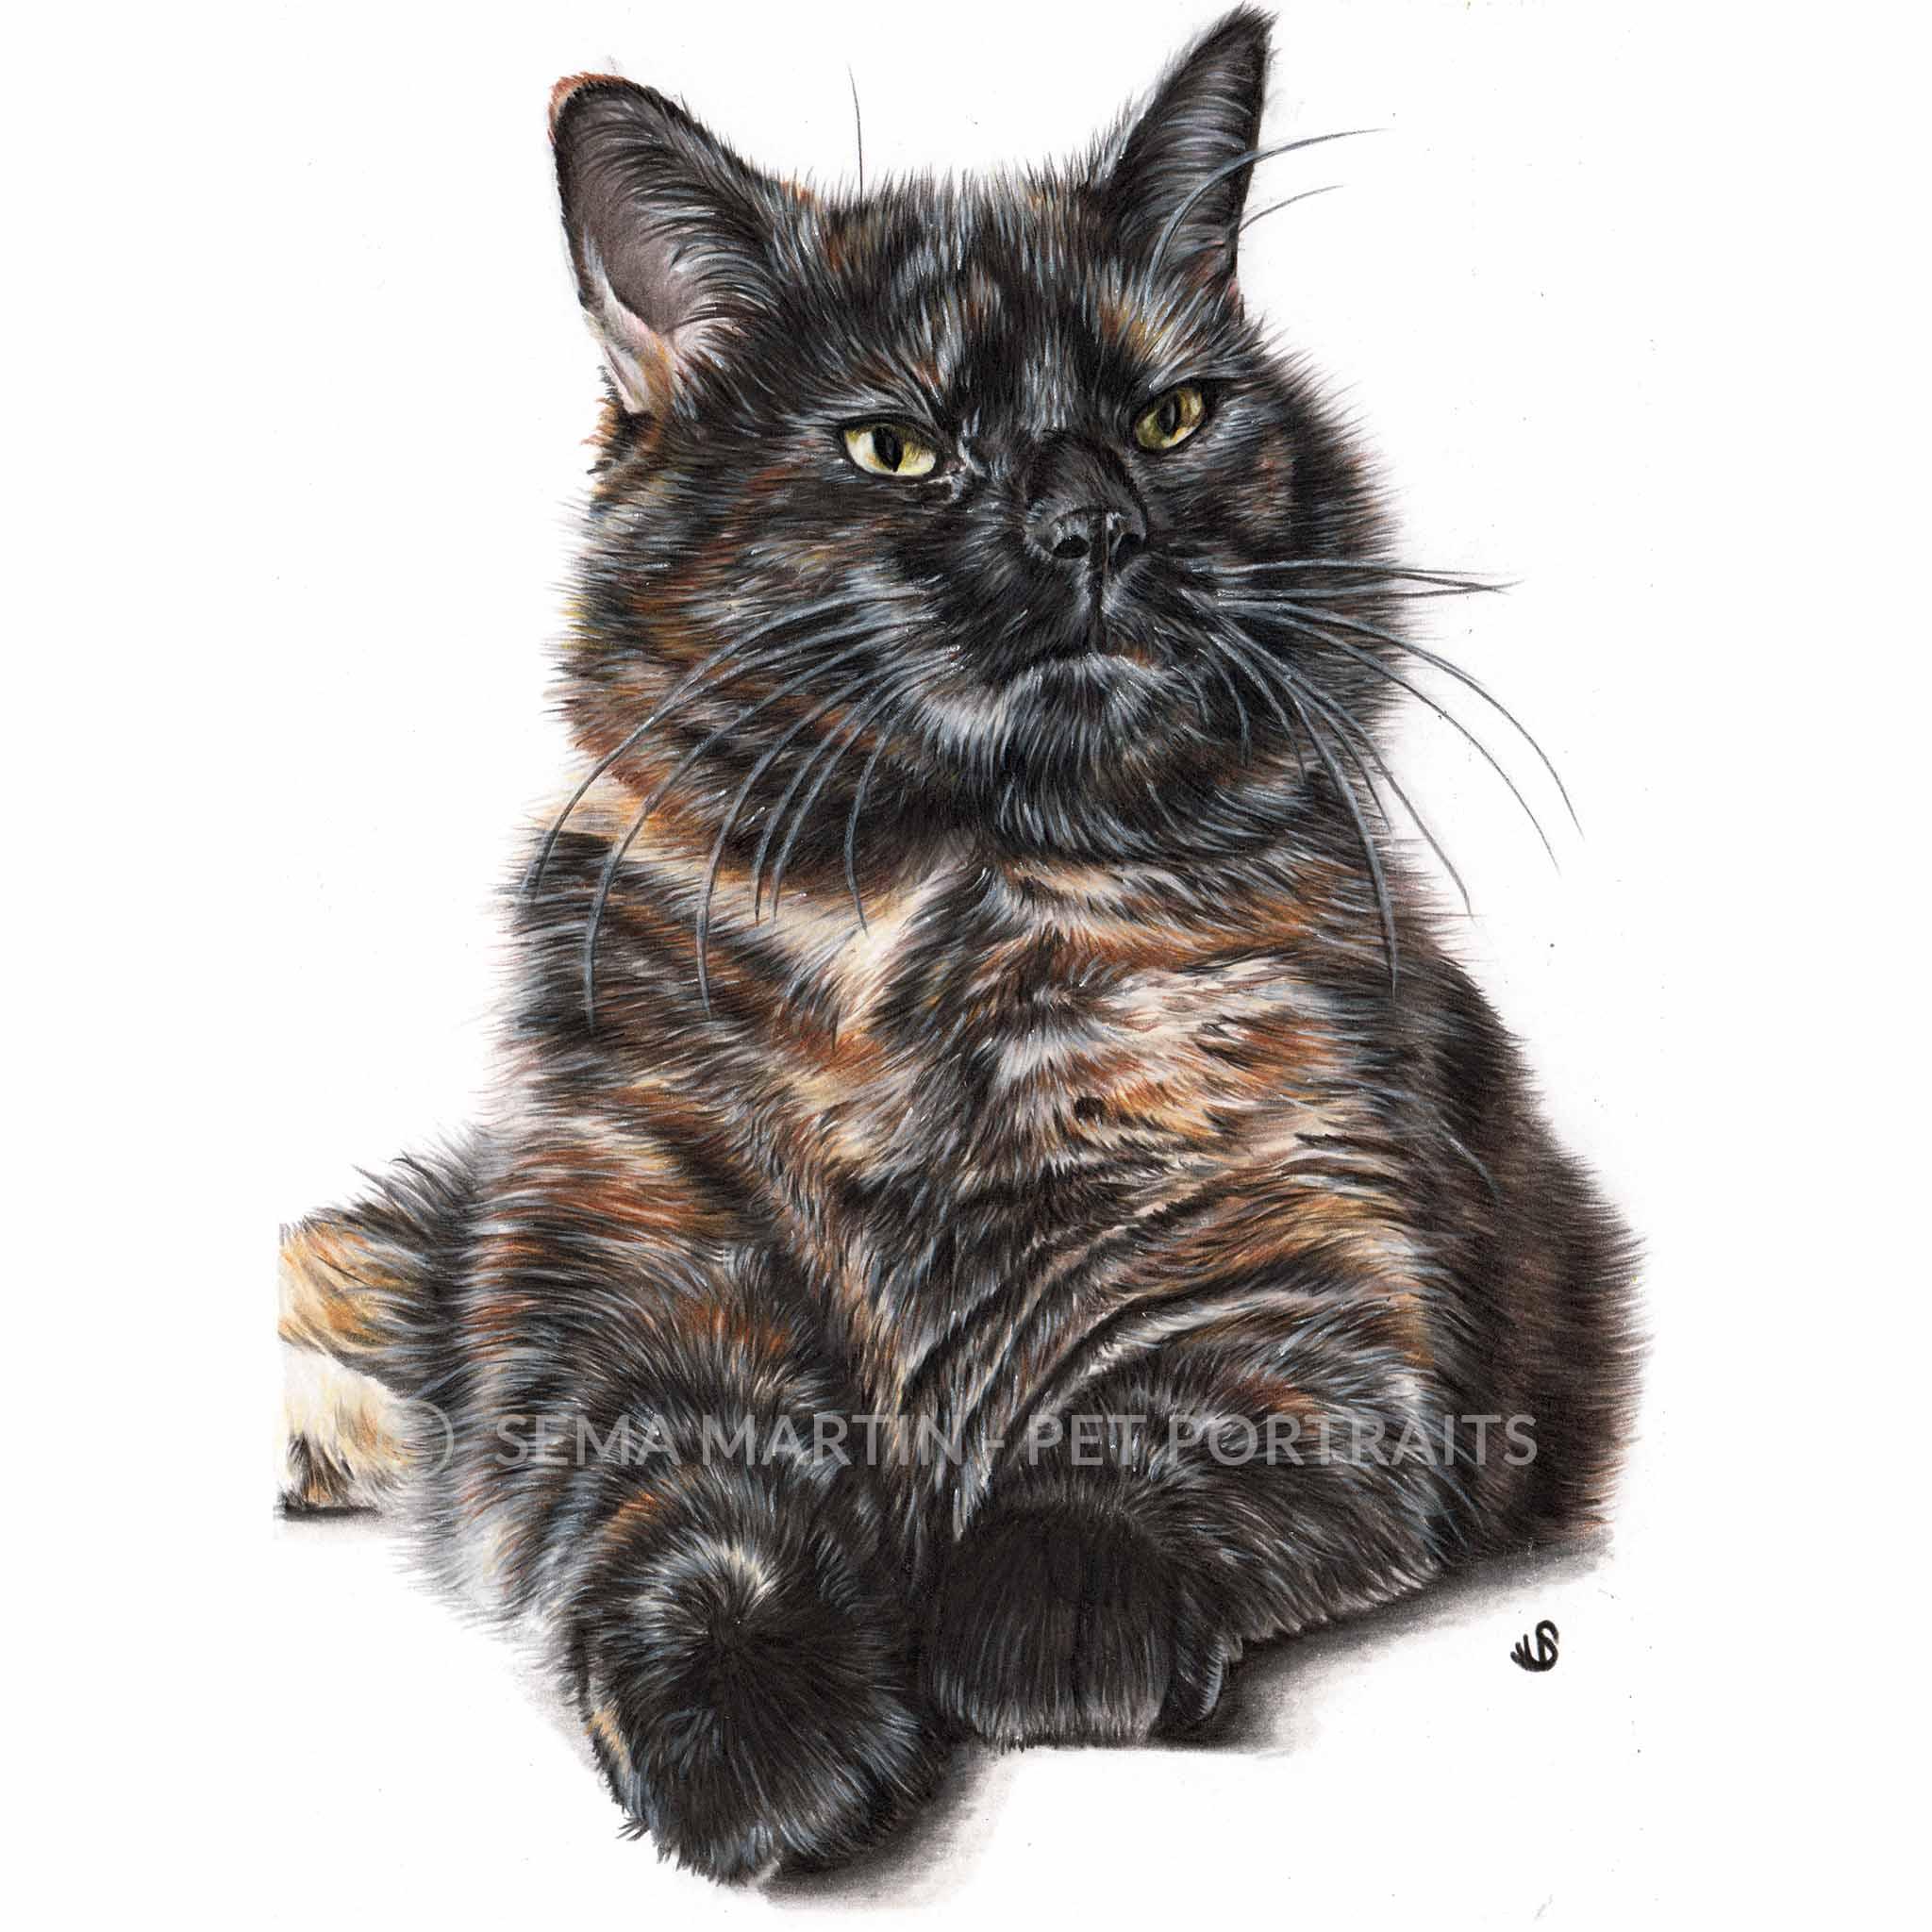 'Kiki' - UK, 5.8 x 8.3 inches, 2019, Colour Pencil Portrait of a Tortoiseshell Cat